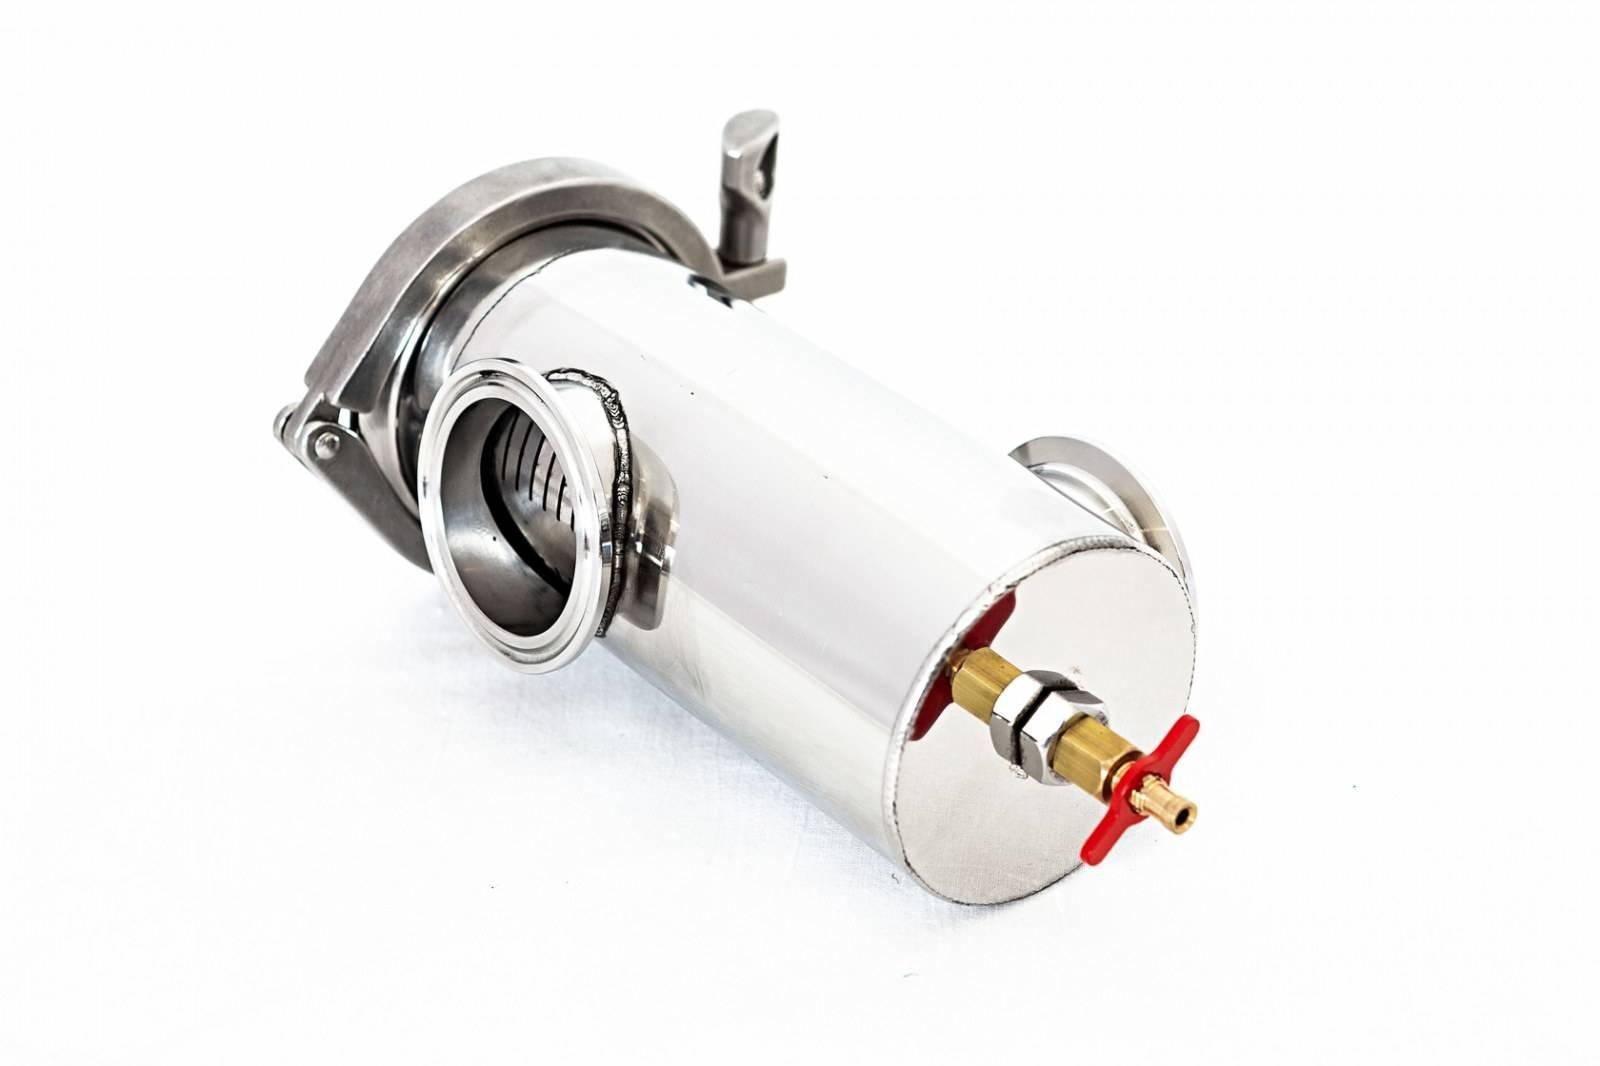 Ароматизаторы для самогона инструкция по применению